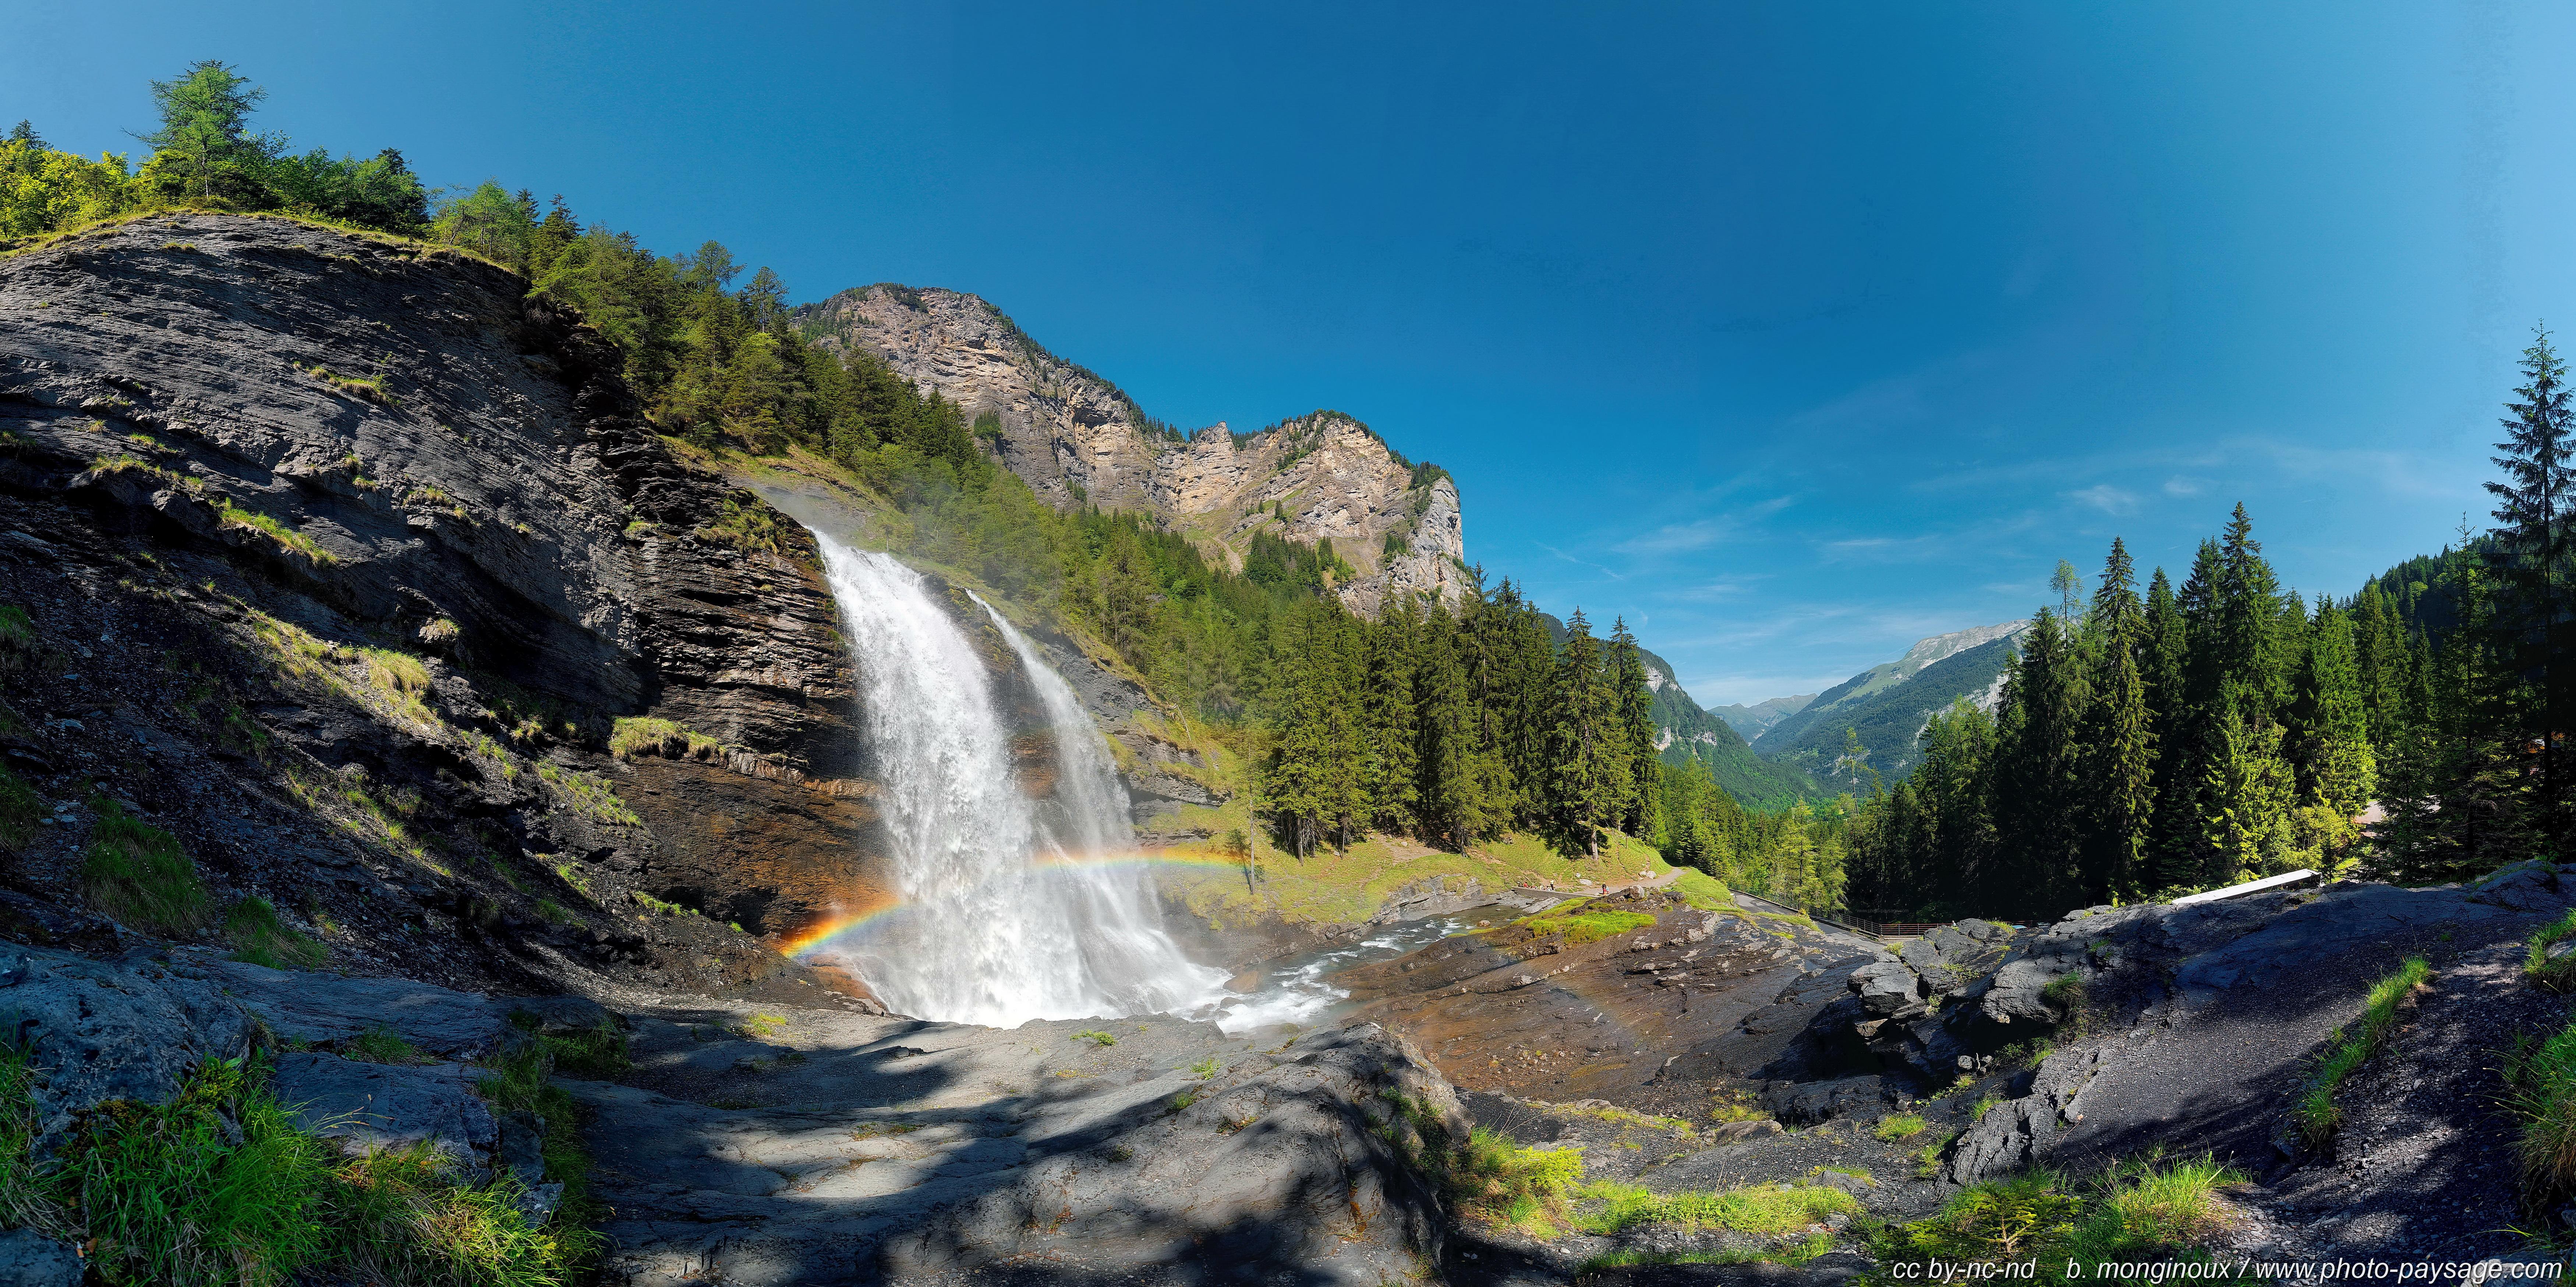 Cascade le blog de photo for Le paysage